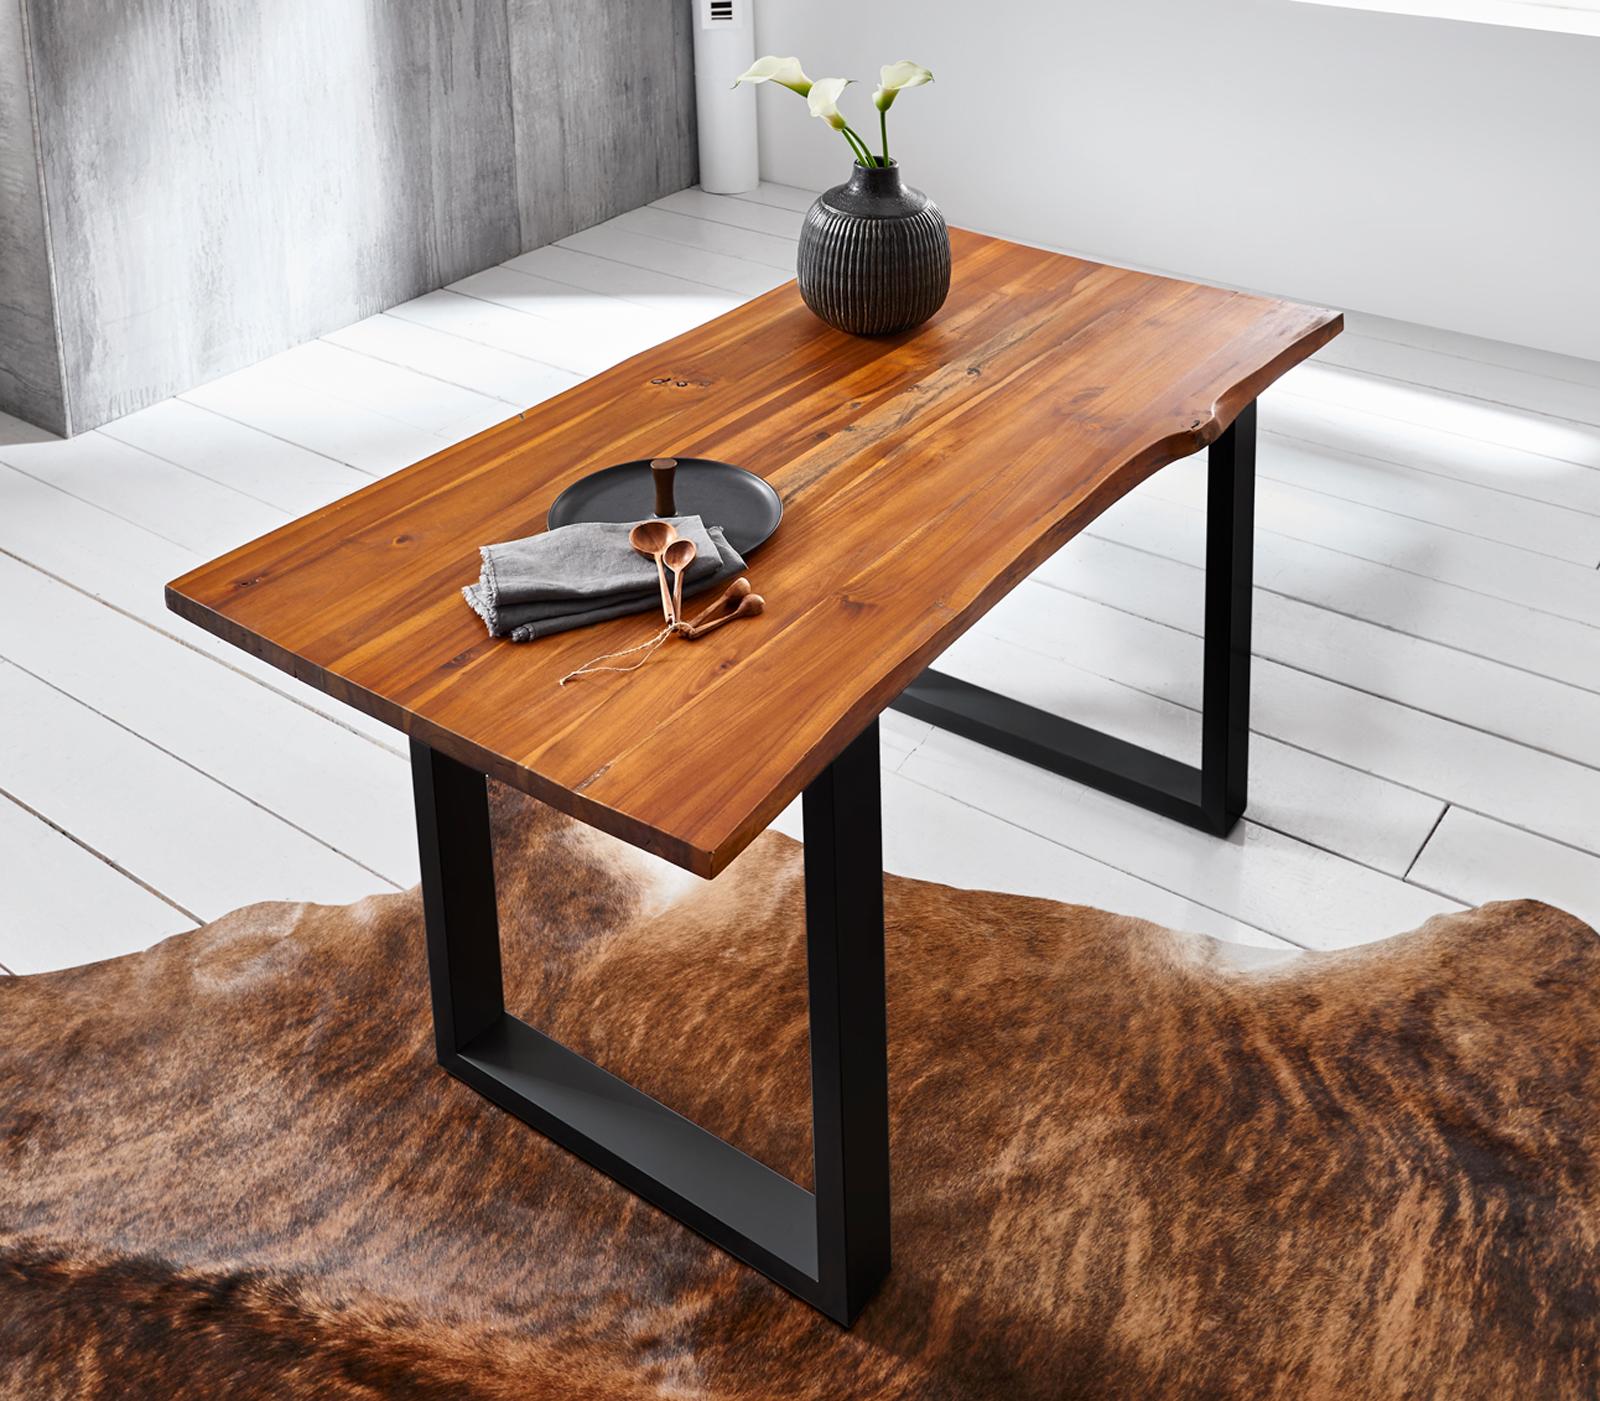 Esstisch Akazie Baumkante : sam esstisch baumkante massiv akazie cognac 140 x 85 ~ Watch28wear.com Haus und Dekorationen